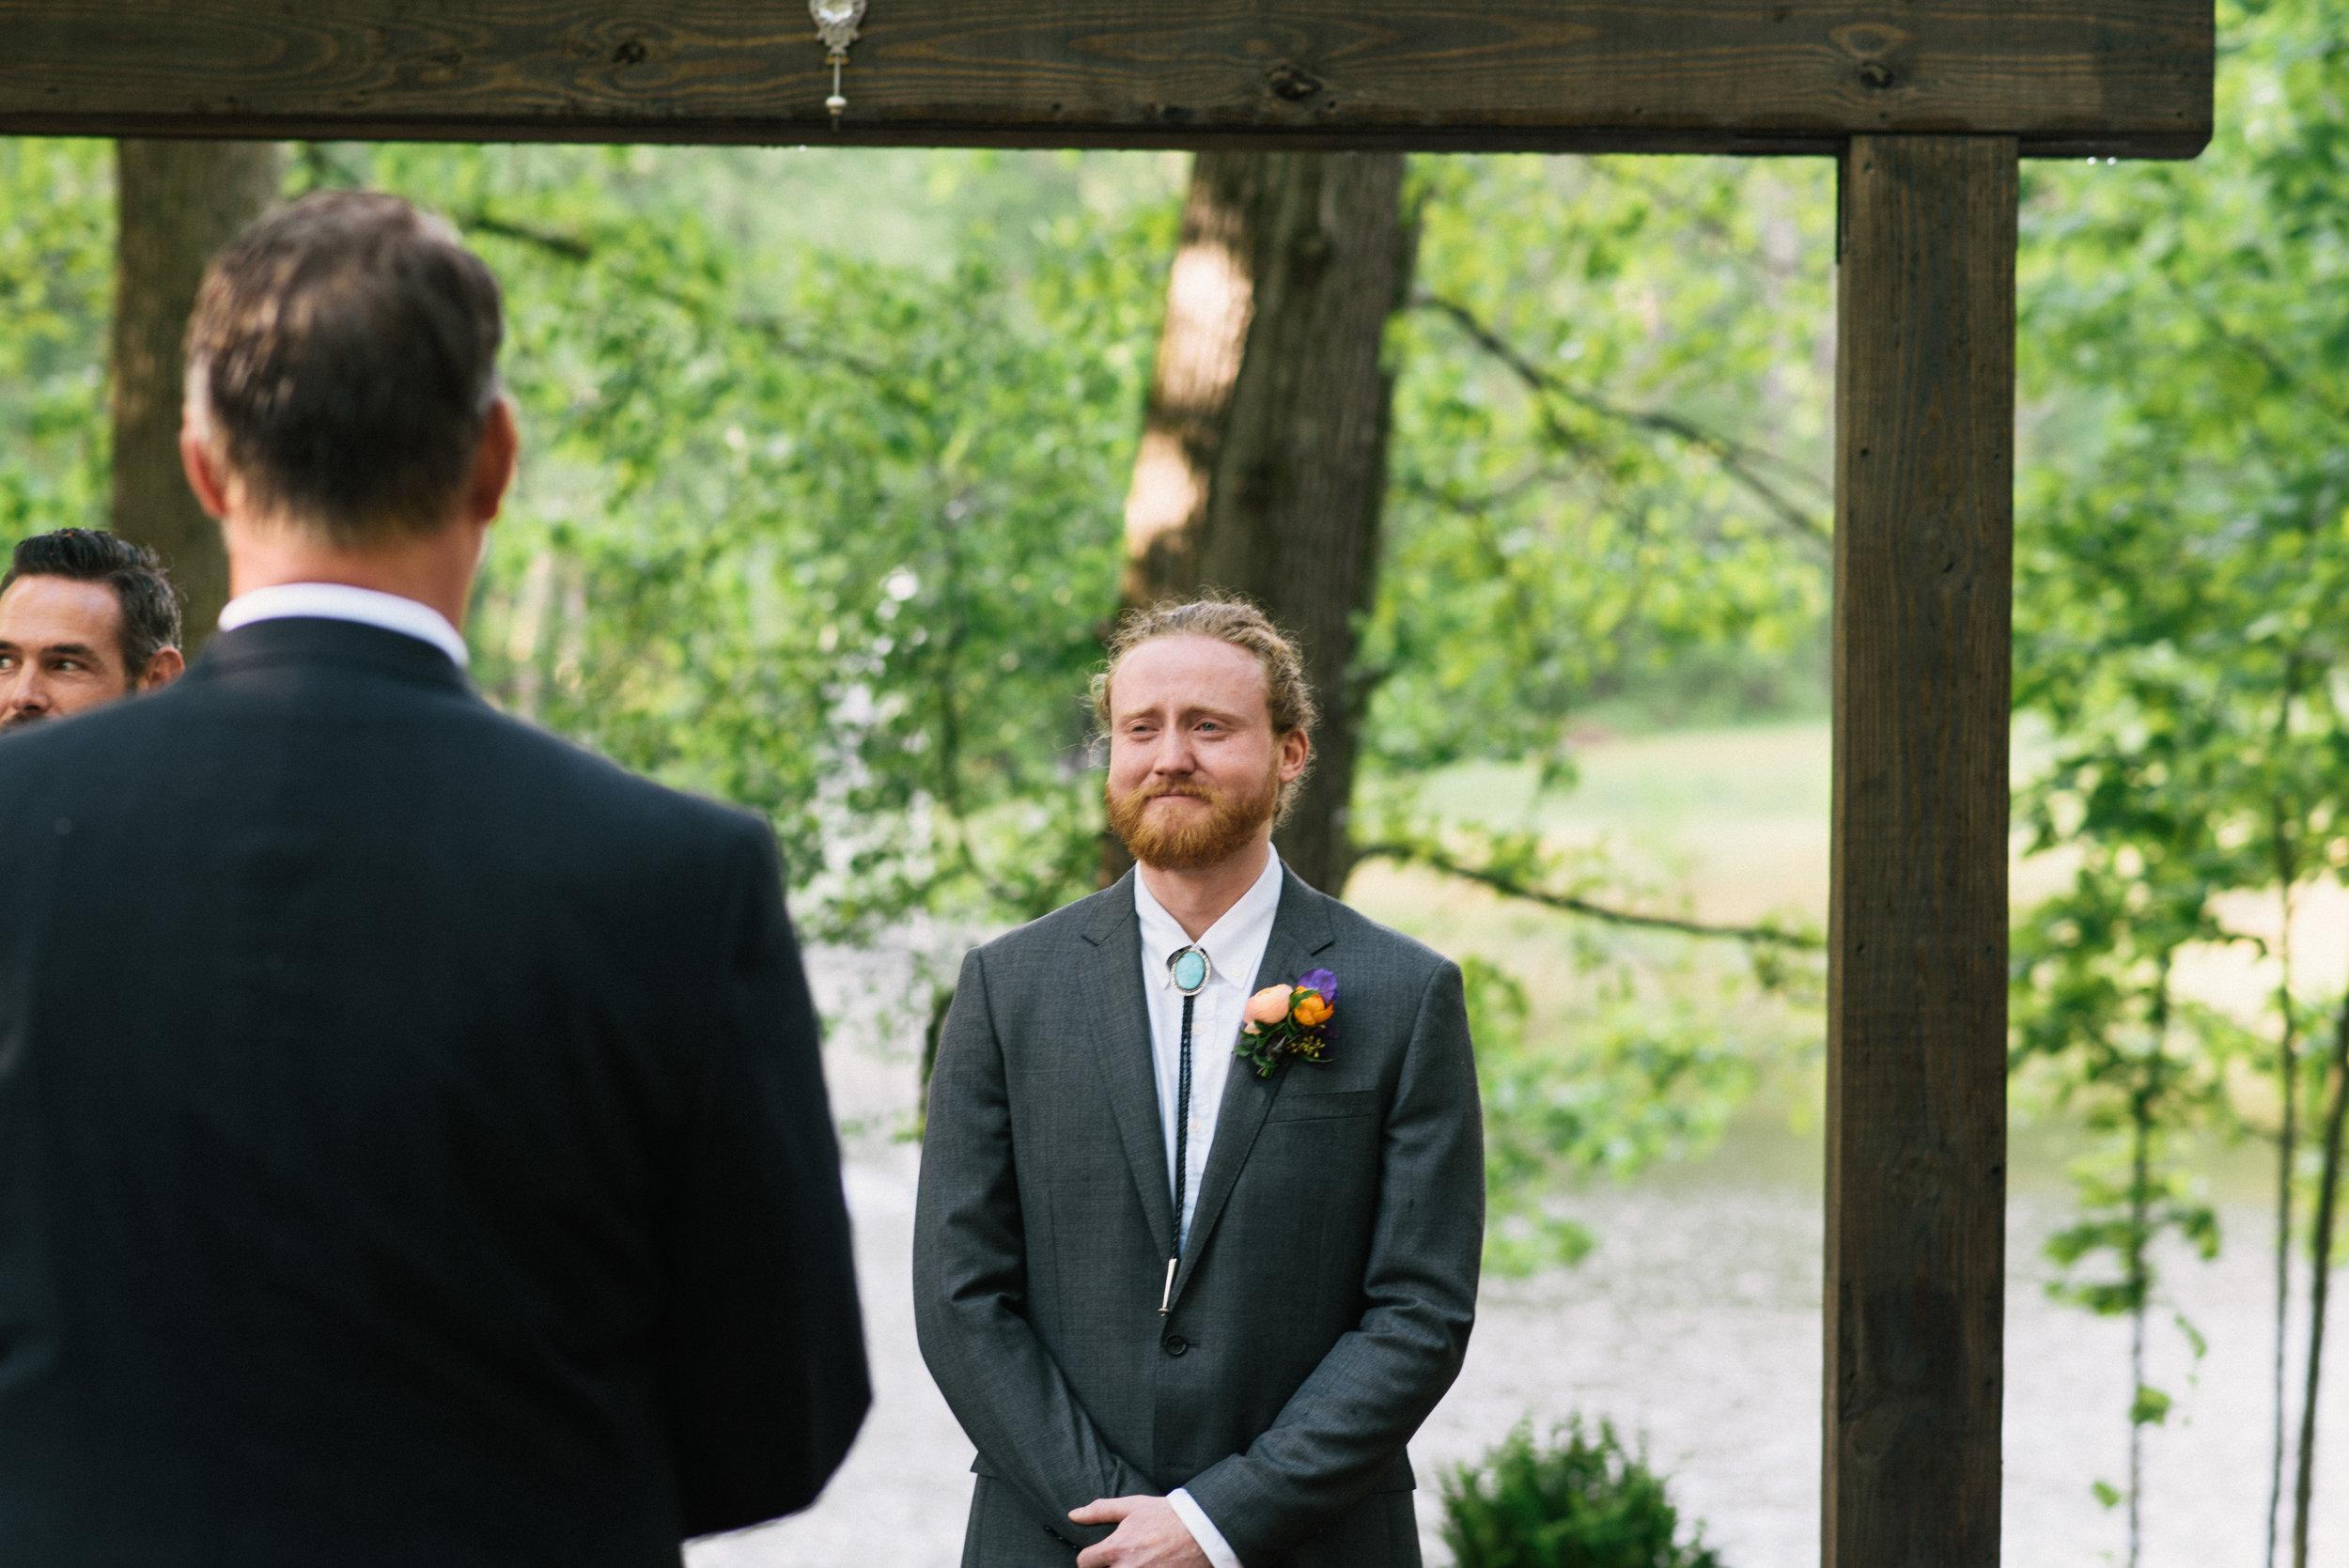 raleigh-elopement-photographer-raleigh-durham-wedding-maddie-and-devin- (100 of 162).jpg